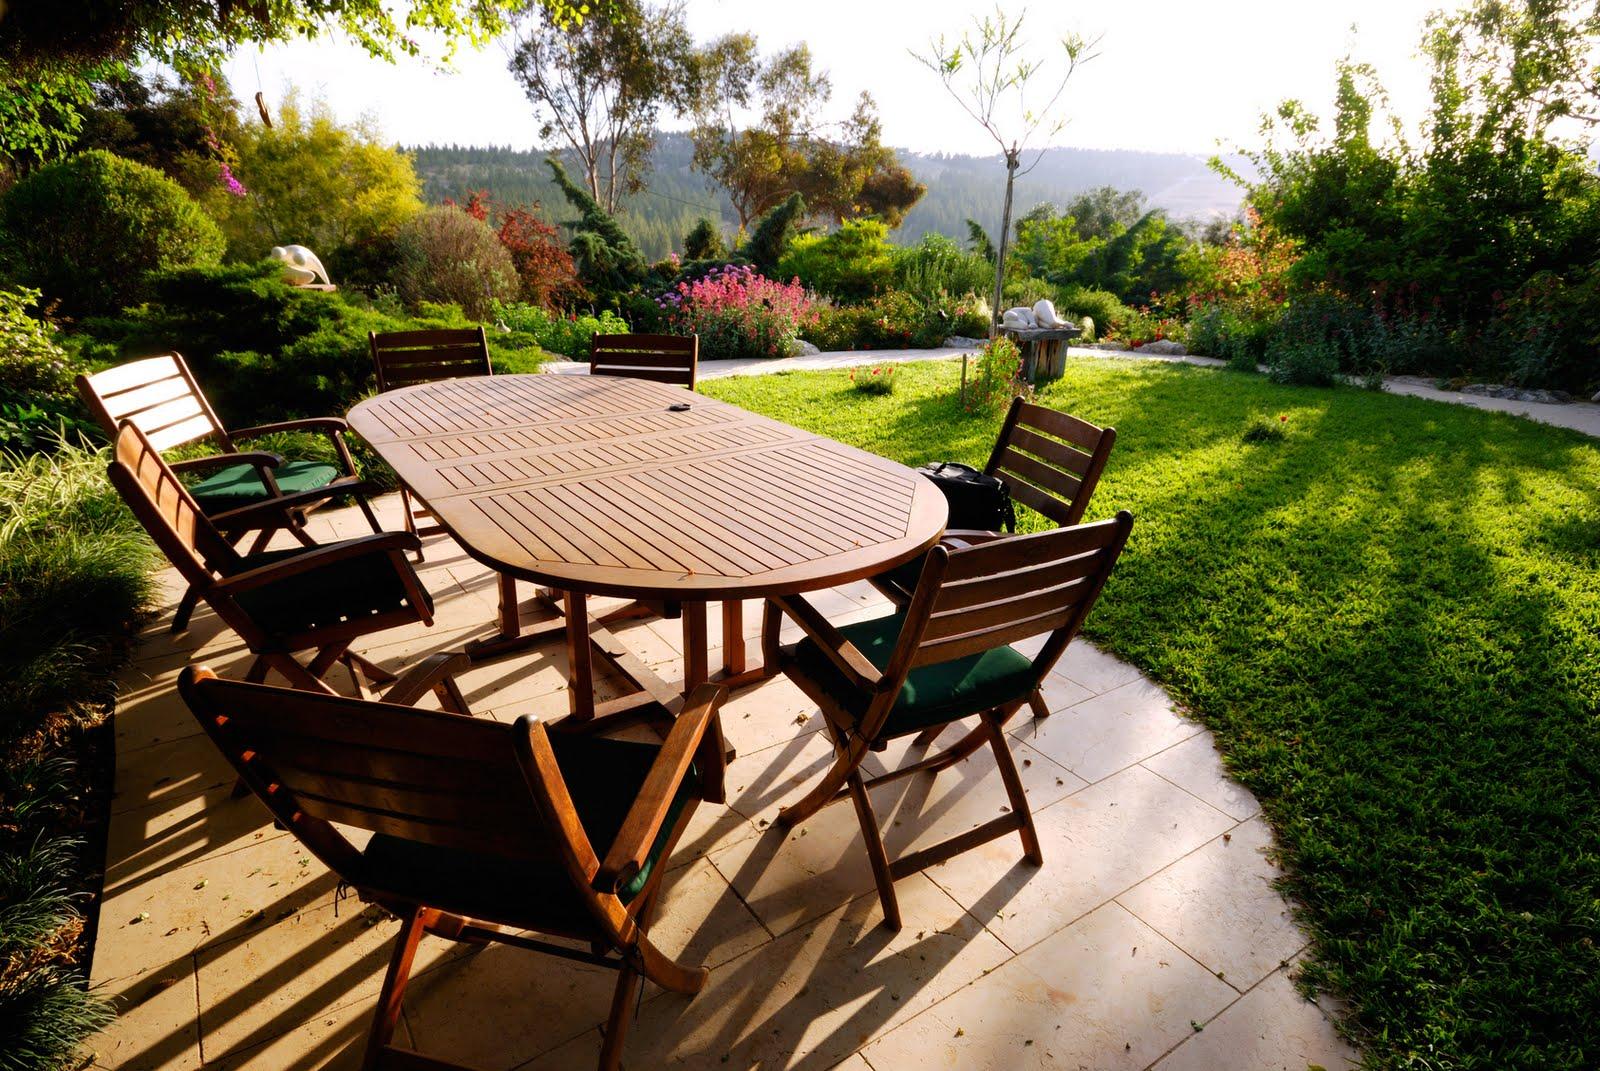 Cómo proteger los muebles de madera de tu jardín | Pinturas El Artista